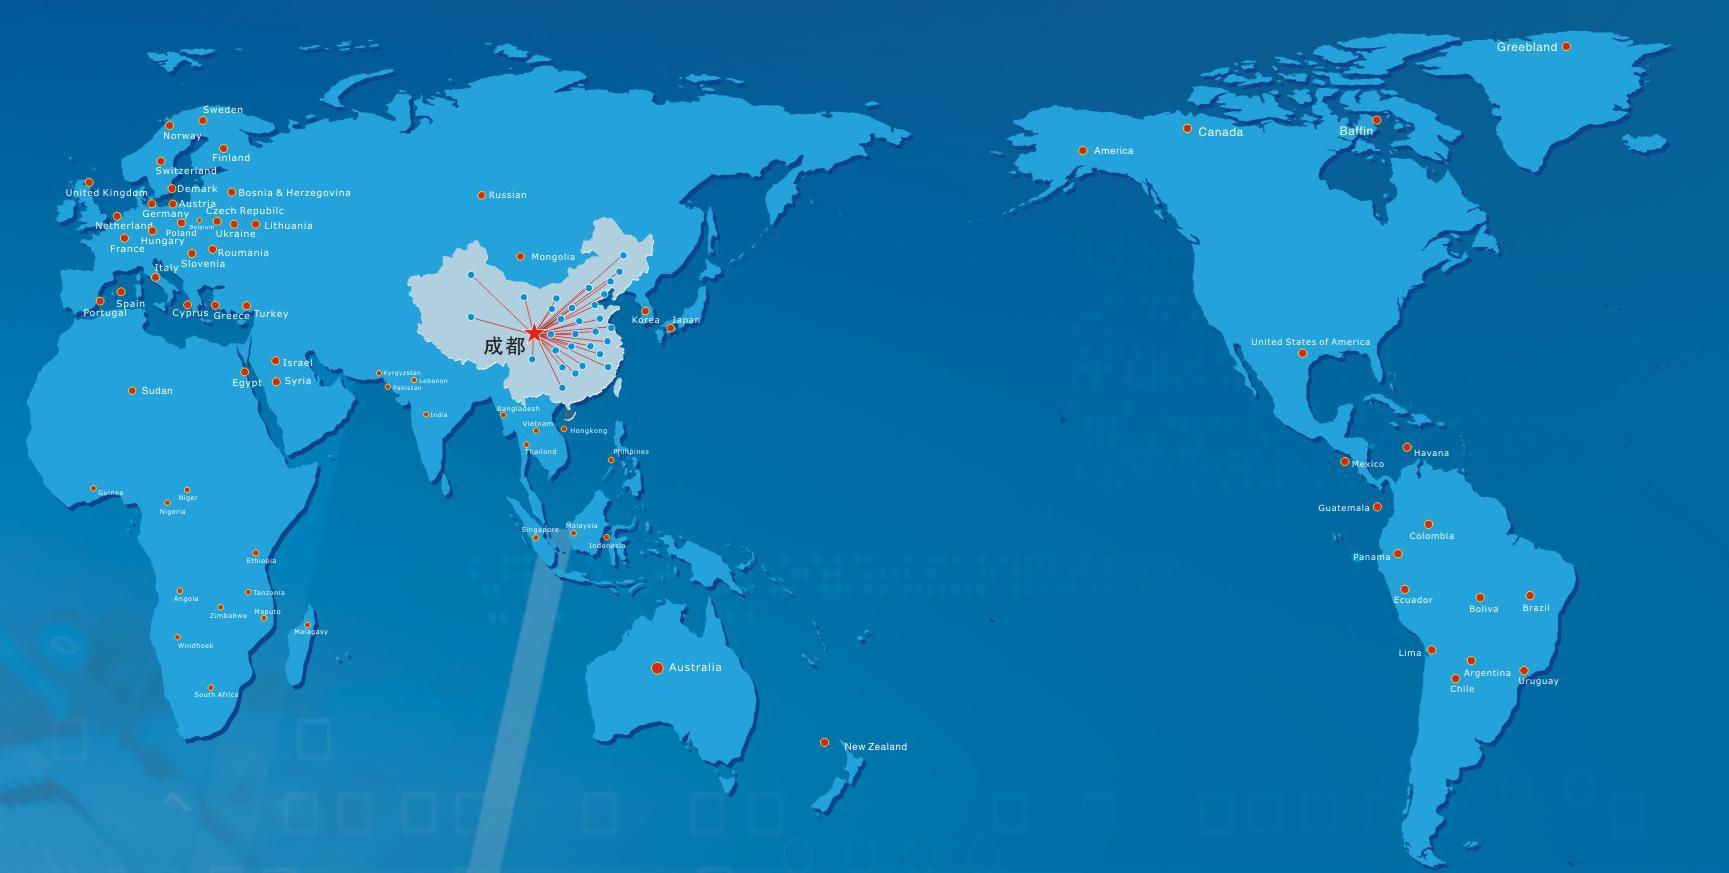 非洲欢迎与中国合作 不需要外方介入